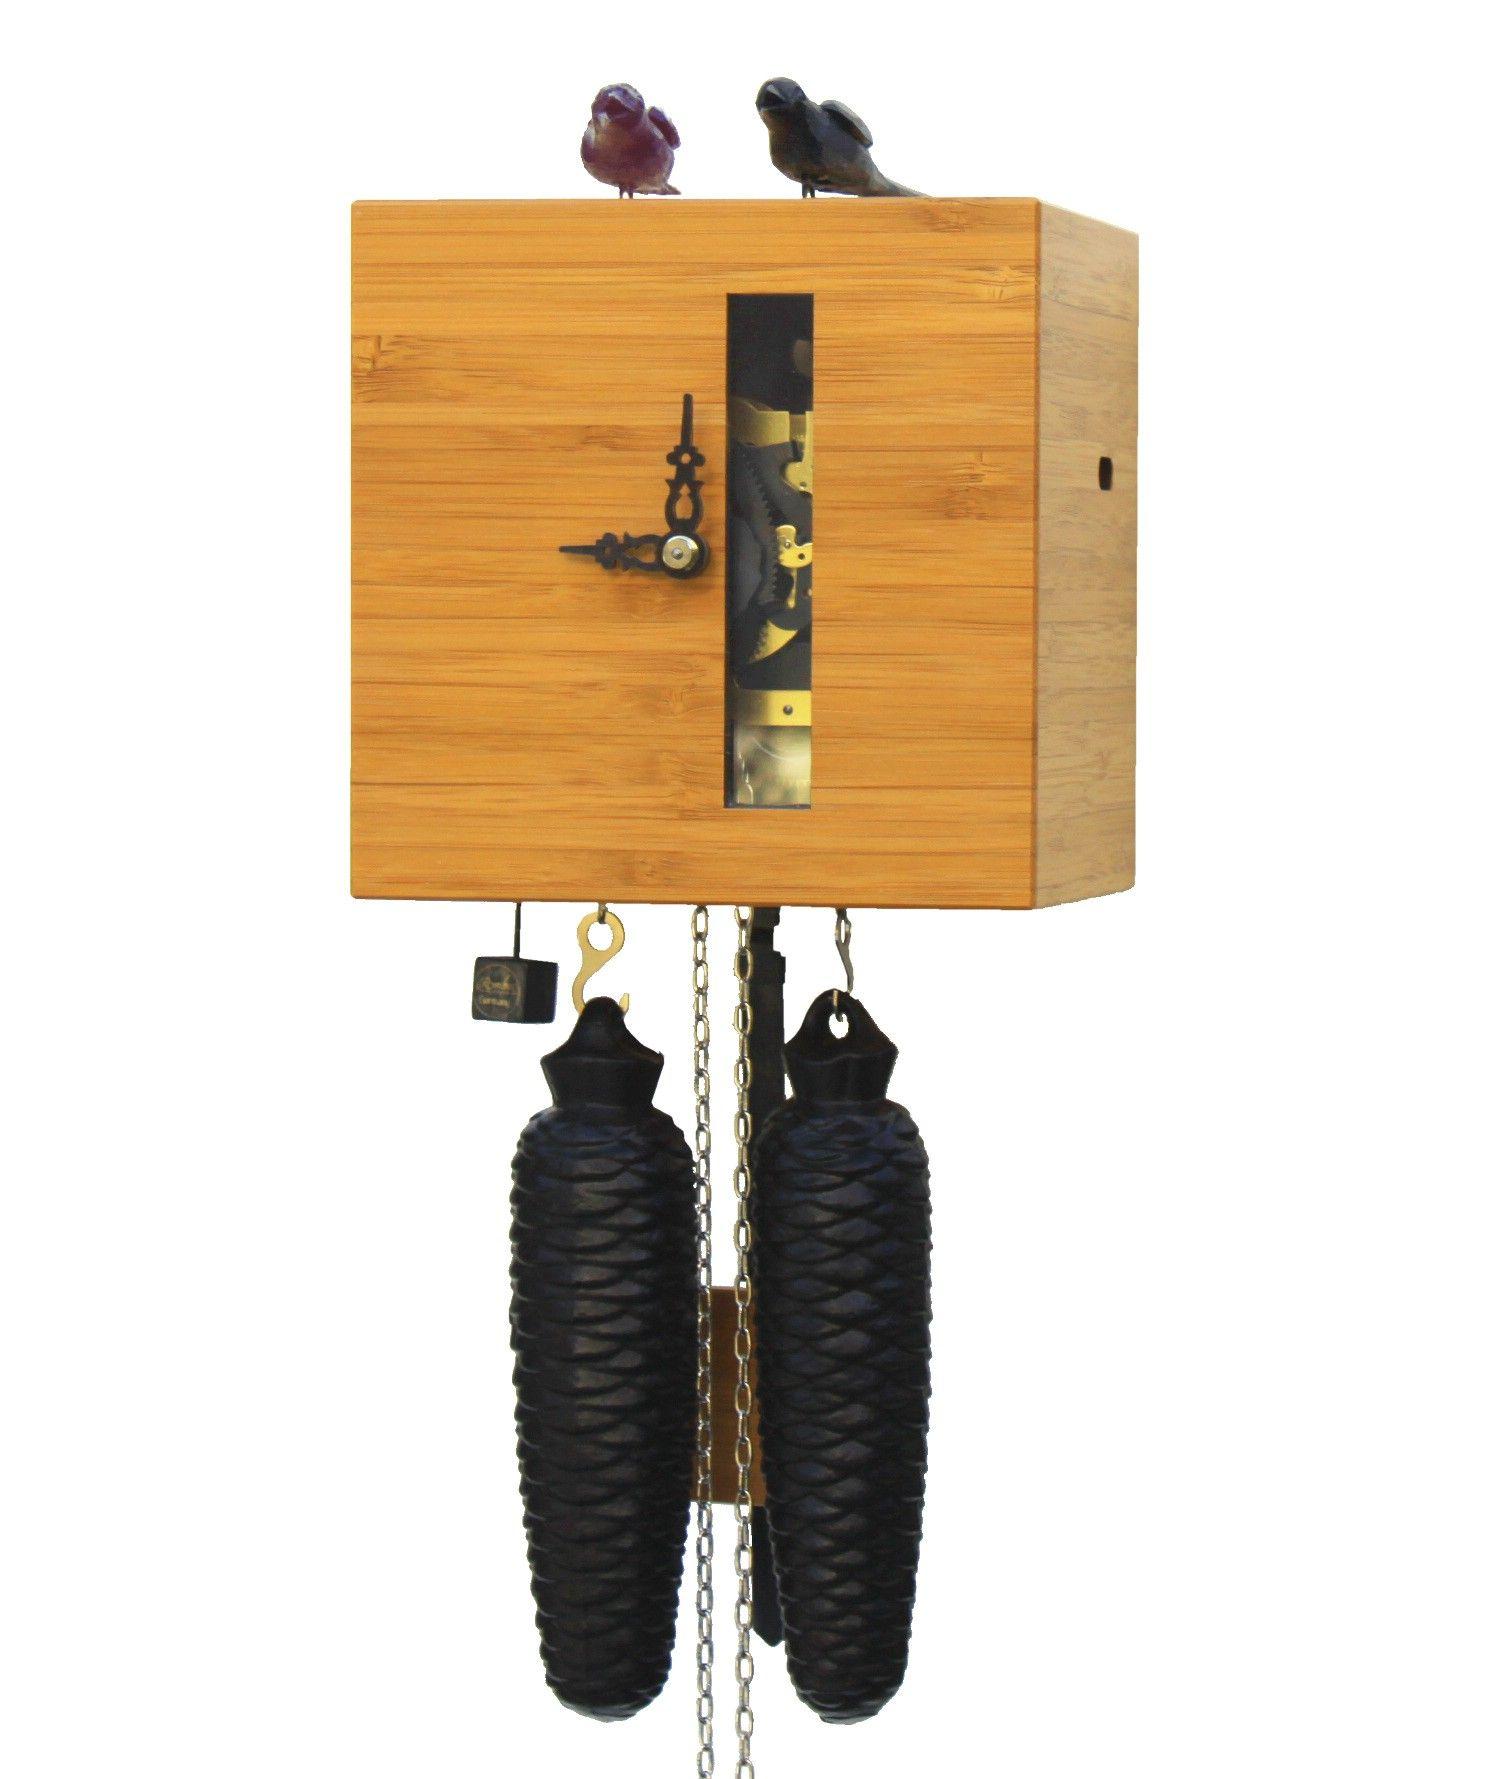 Moderne Kuckucksuhren kuckucksuhr modern aus dem hause romba den erfindern der